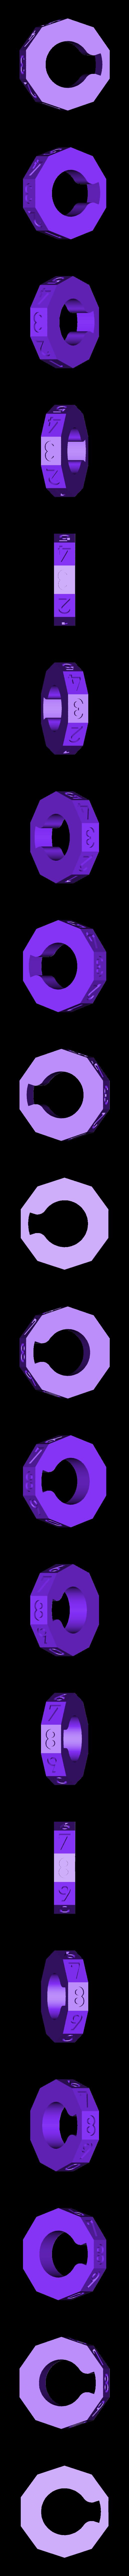 Wheel8.stl Télécharger fichier STL gratuit Kit de verrouillage de permutation personnalisable (verrouillage à combinaison) • Objet pour impression 3D, plasticpasta